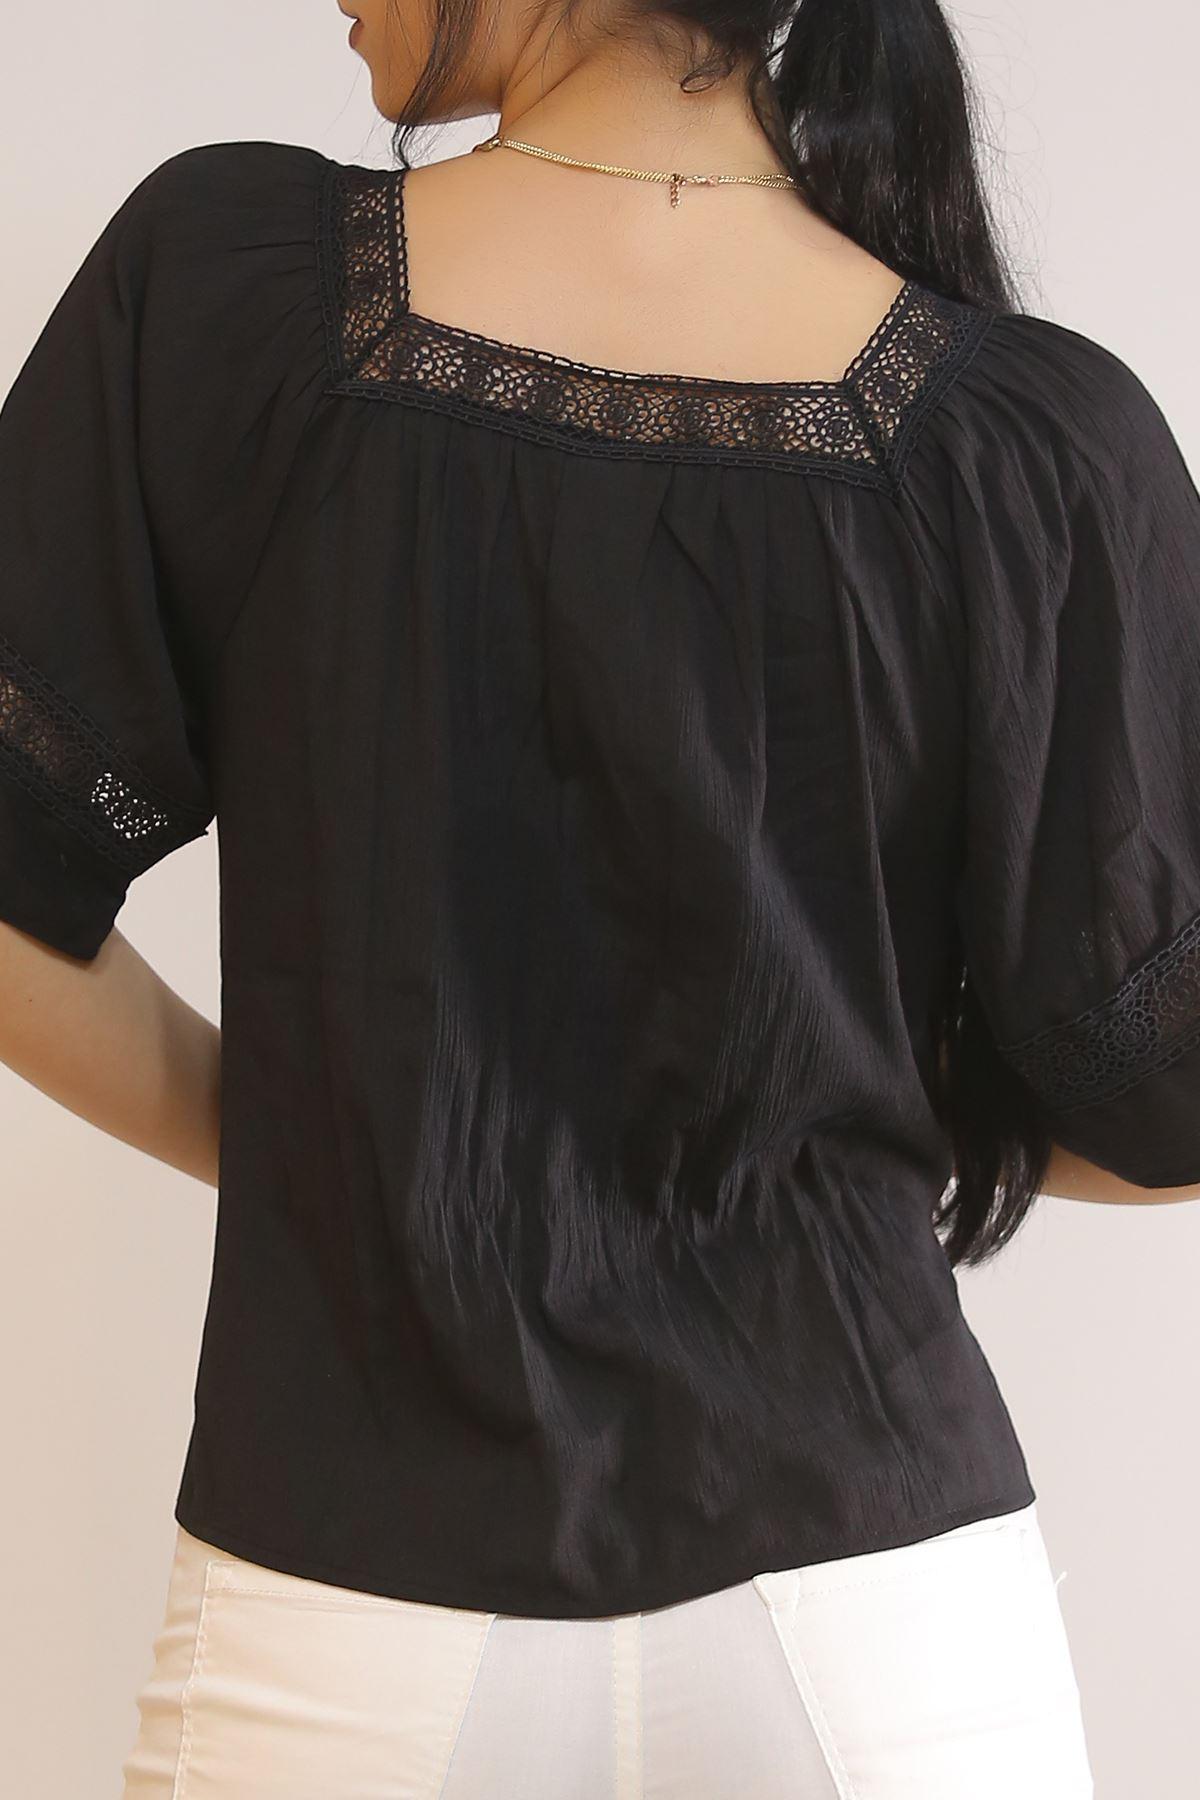 Kare Yaka Bluz Siyah2 - 5598.107.